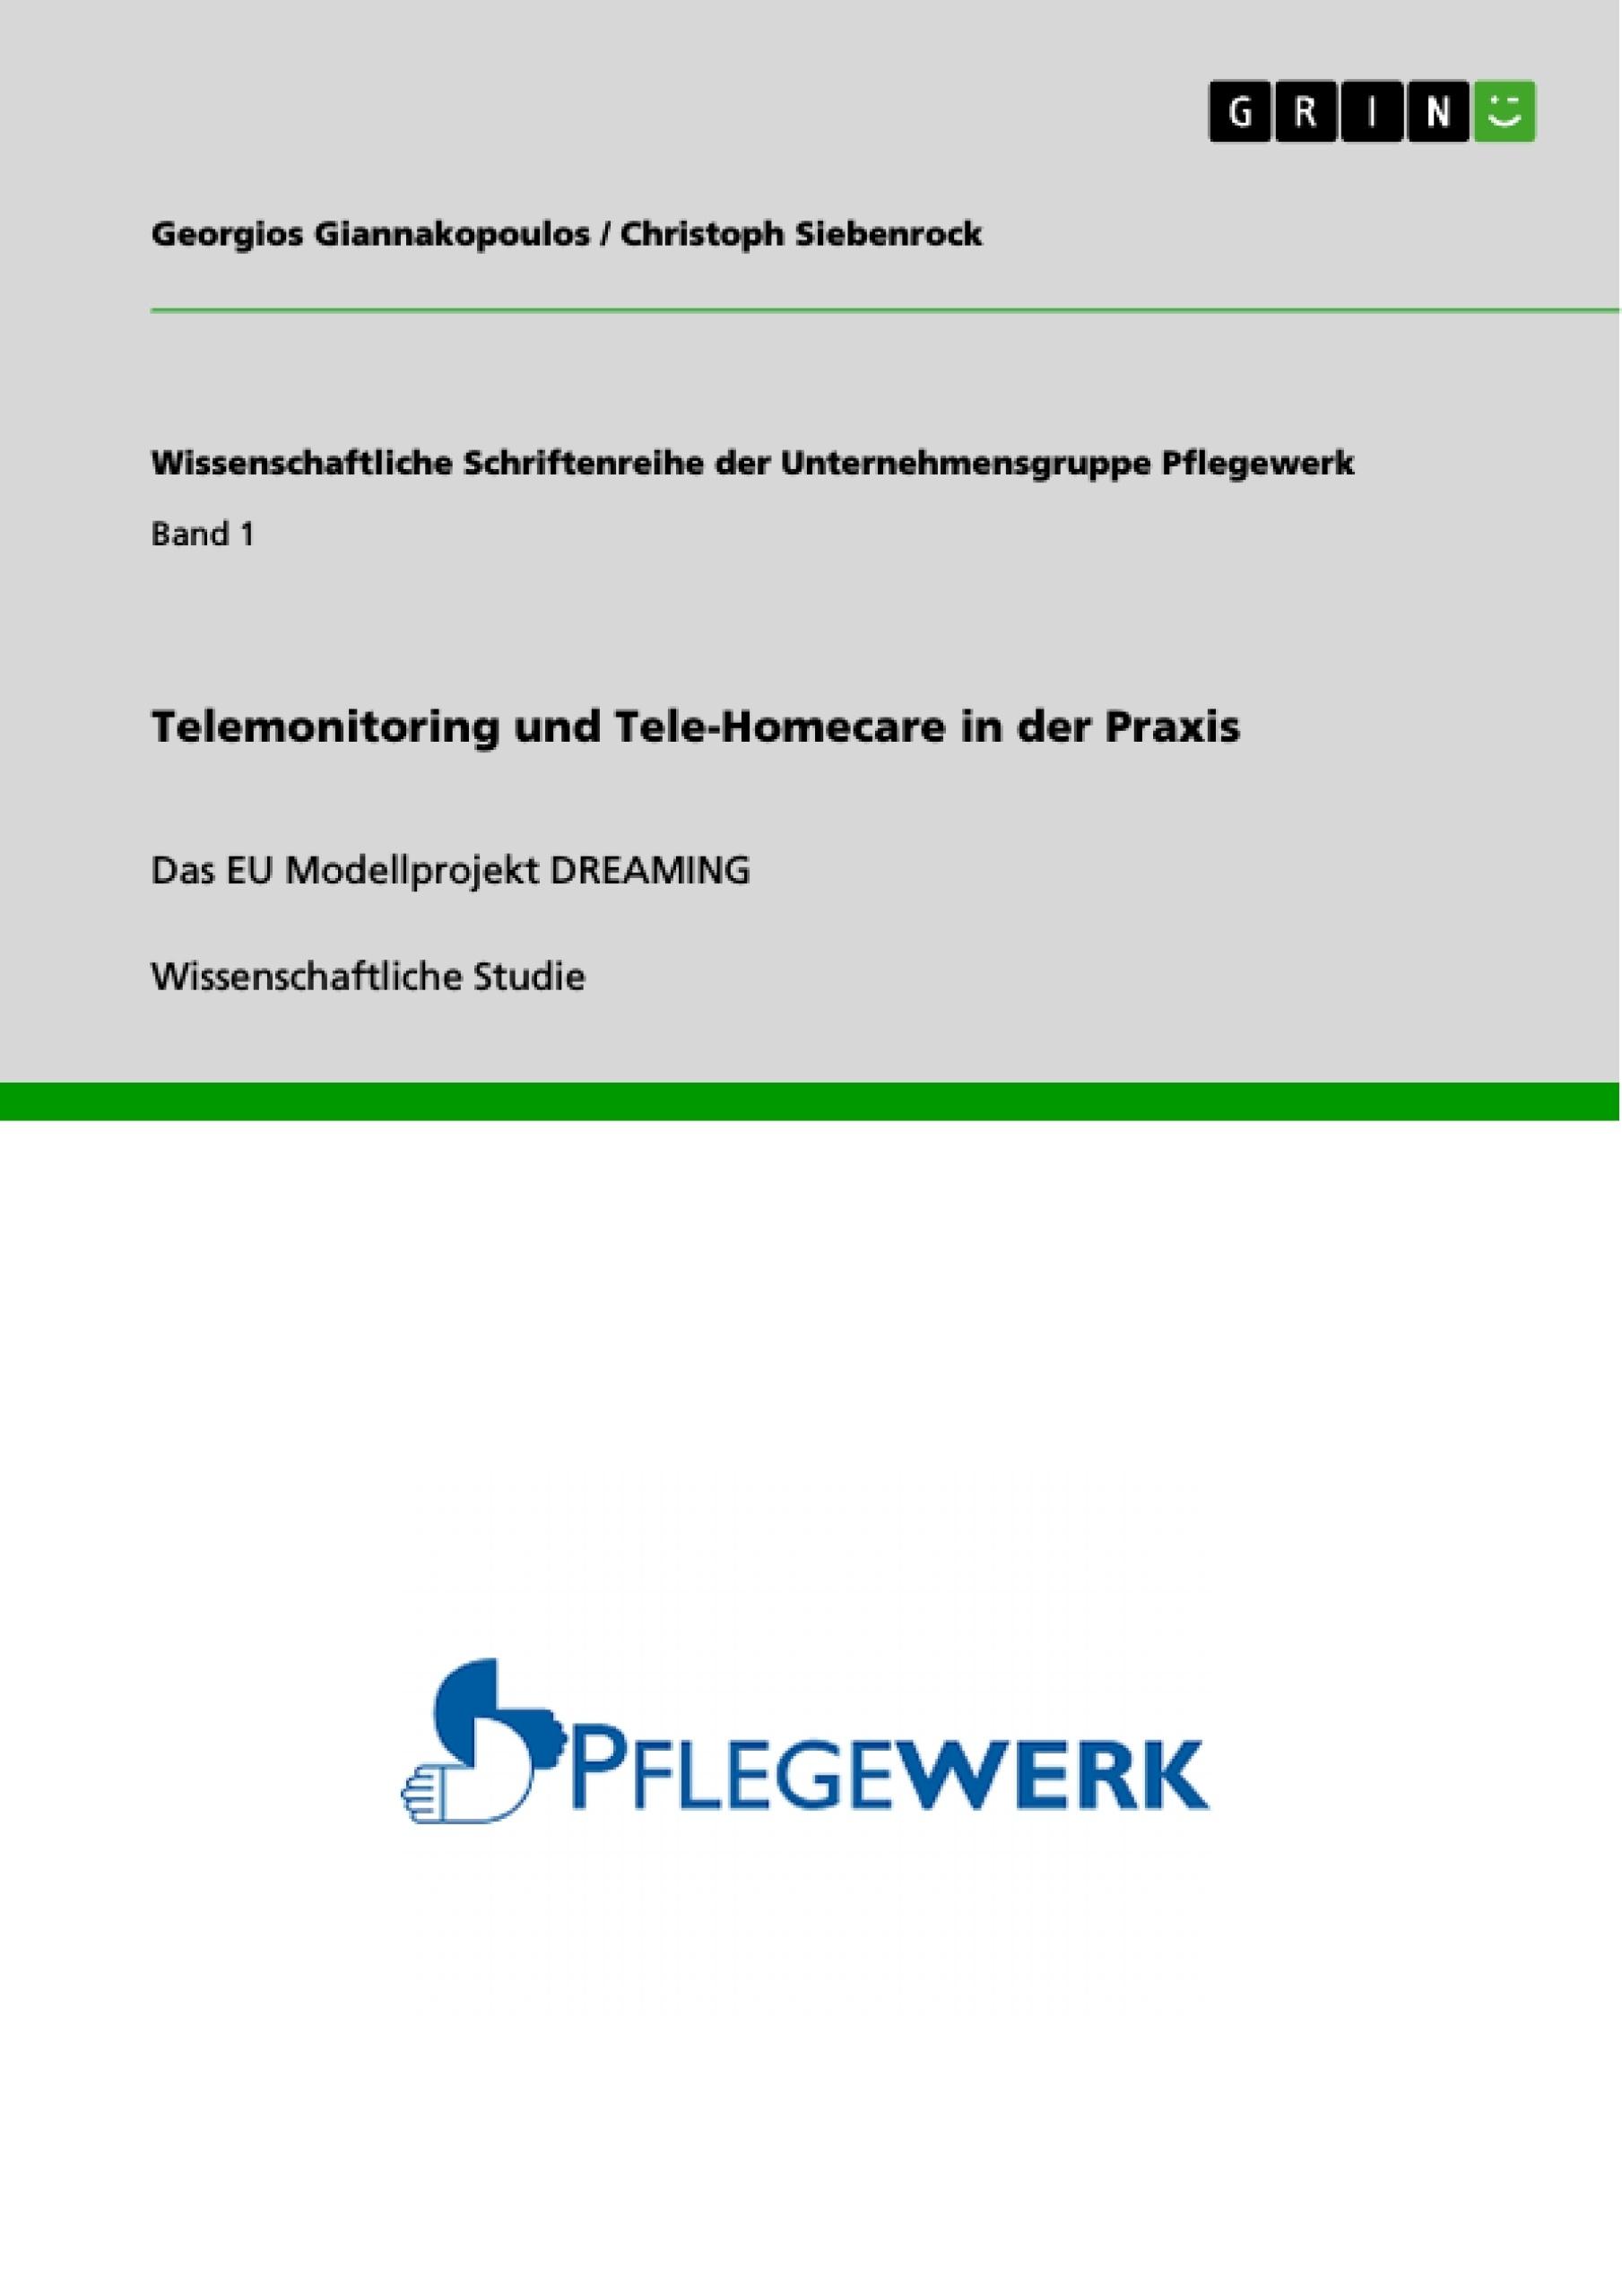 Titel: Telemonitoring und Tele-Homecare in der Praxis